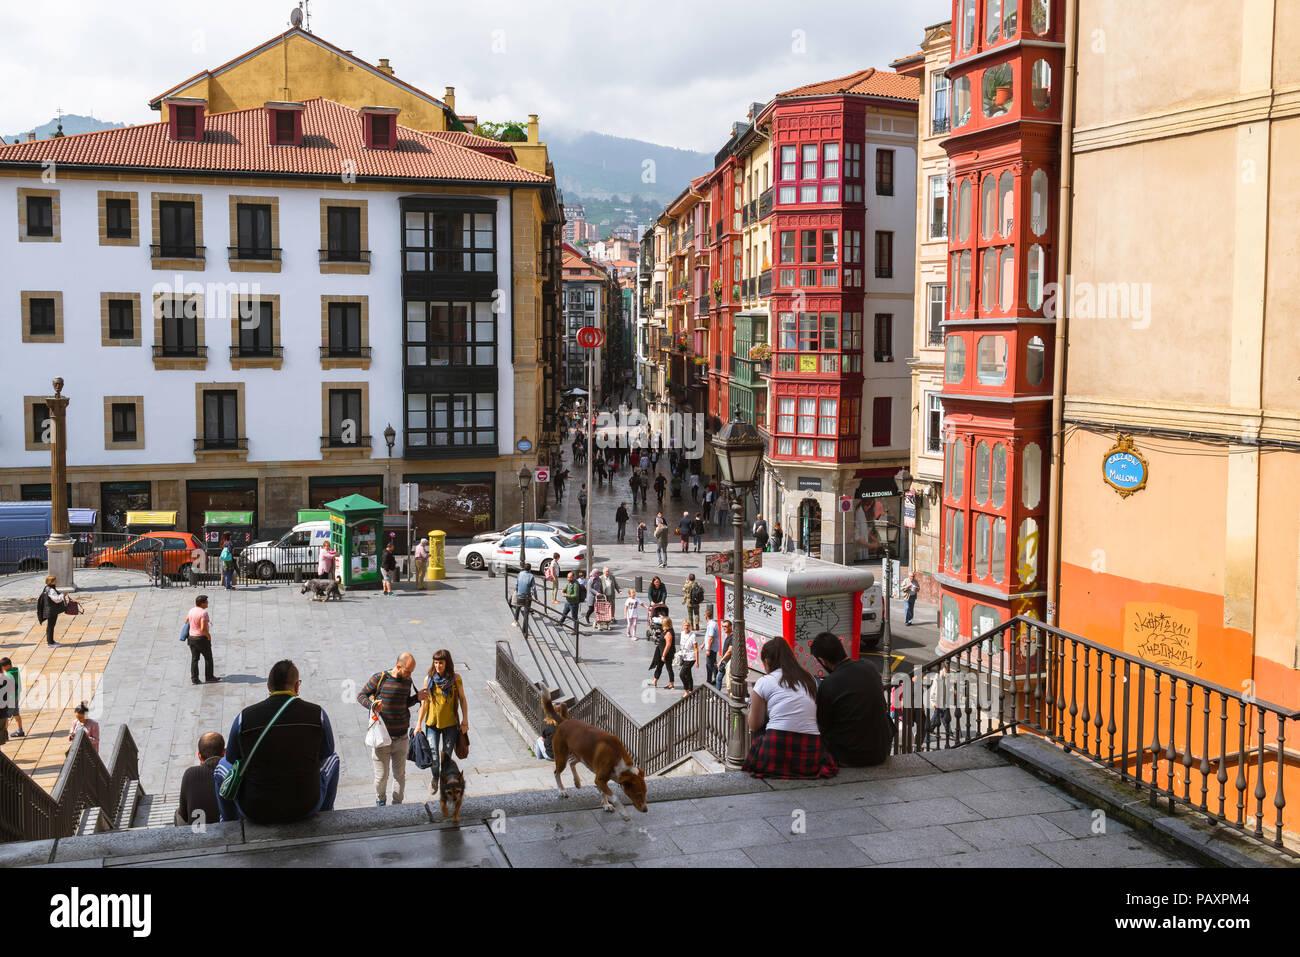 Bilbao Centro storico, vista di edifici e persone nella Plaza de Unamuno nel centro della città vecchia (Casco Viejo) zona di Bilbao, Spagna. Immagini Stock